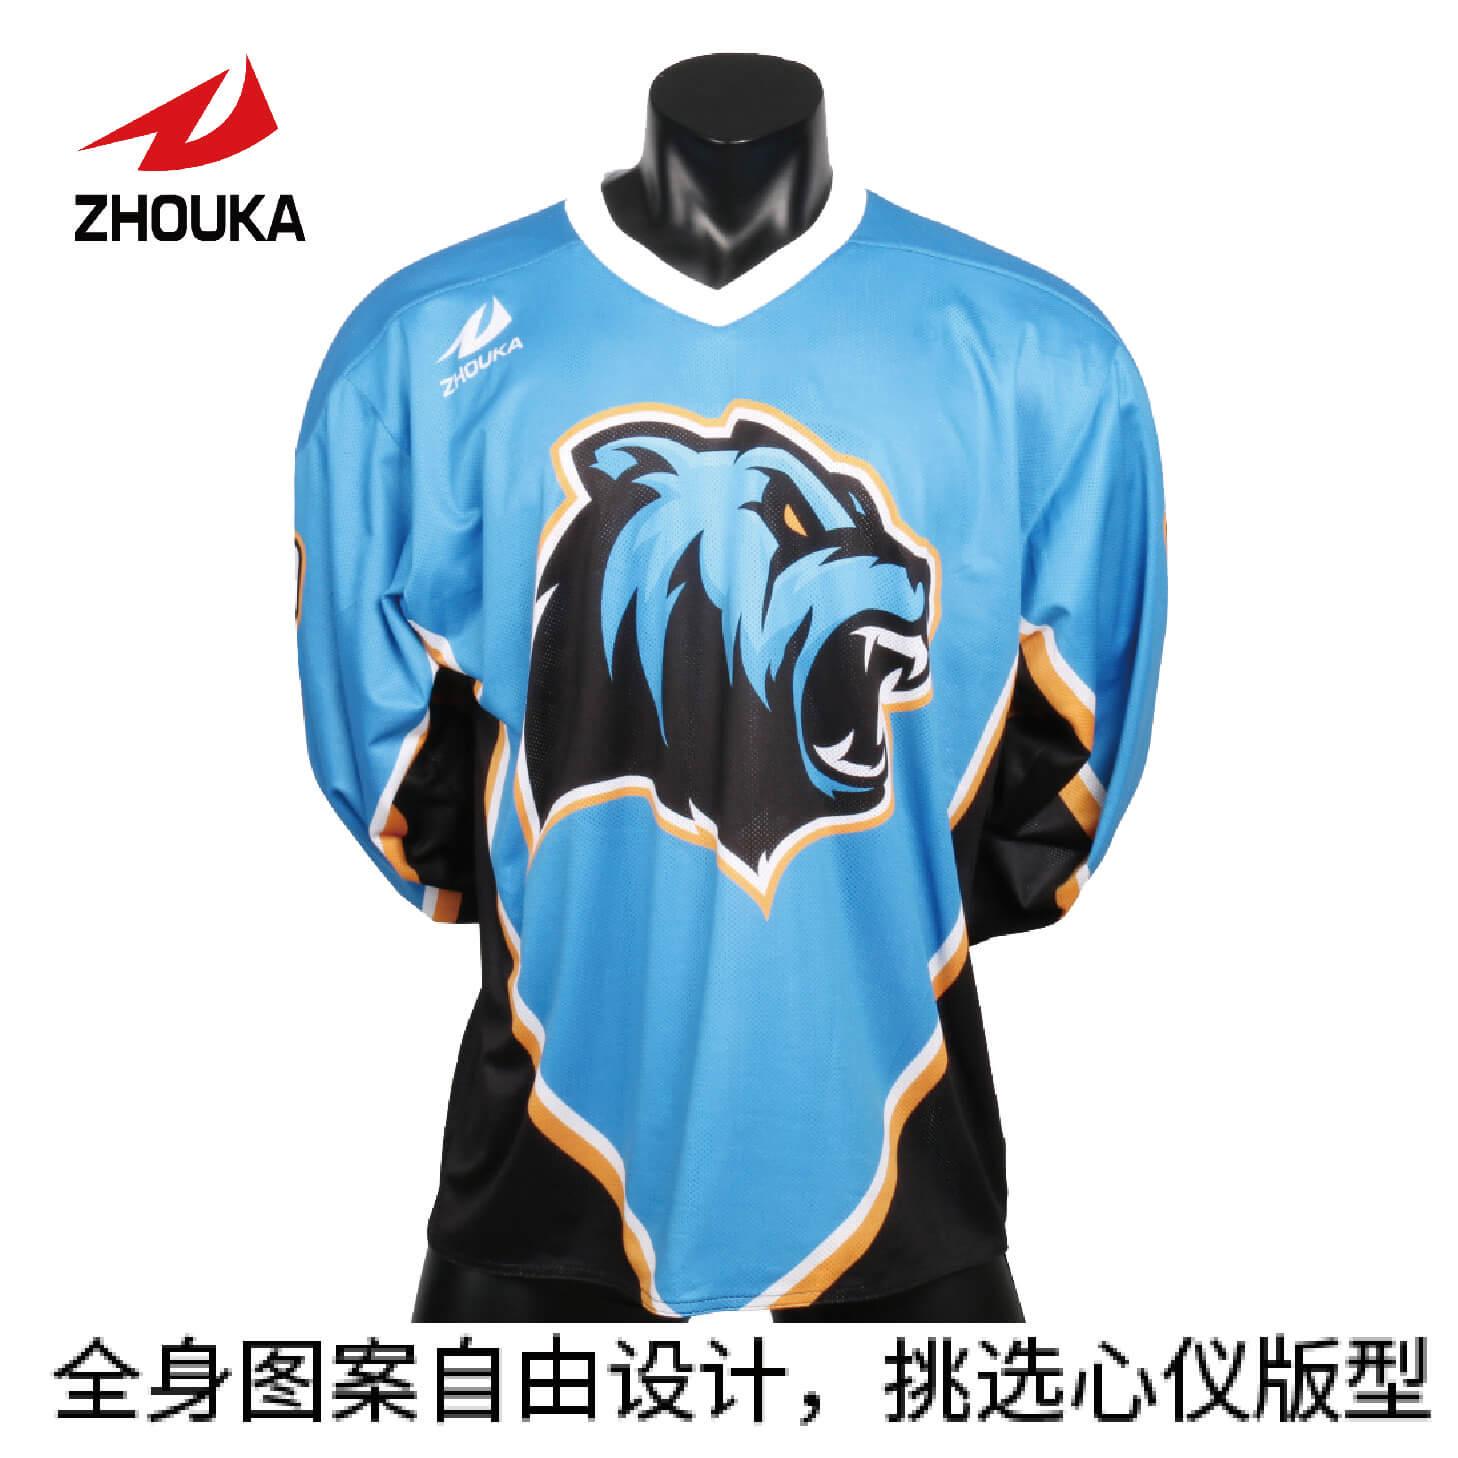 2020定制设计制成的运动服曲棍球服可拆卸冰球球衣